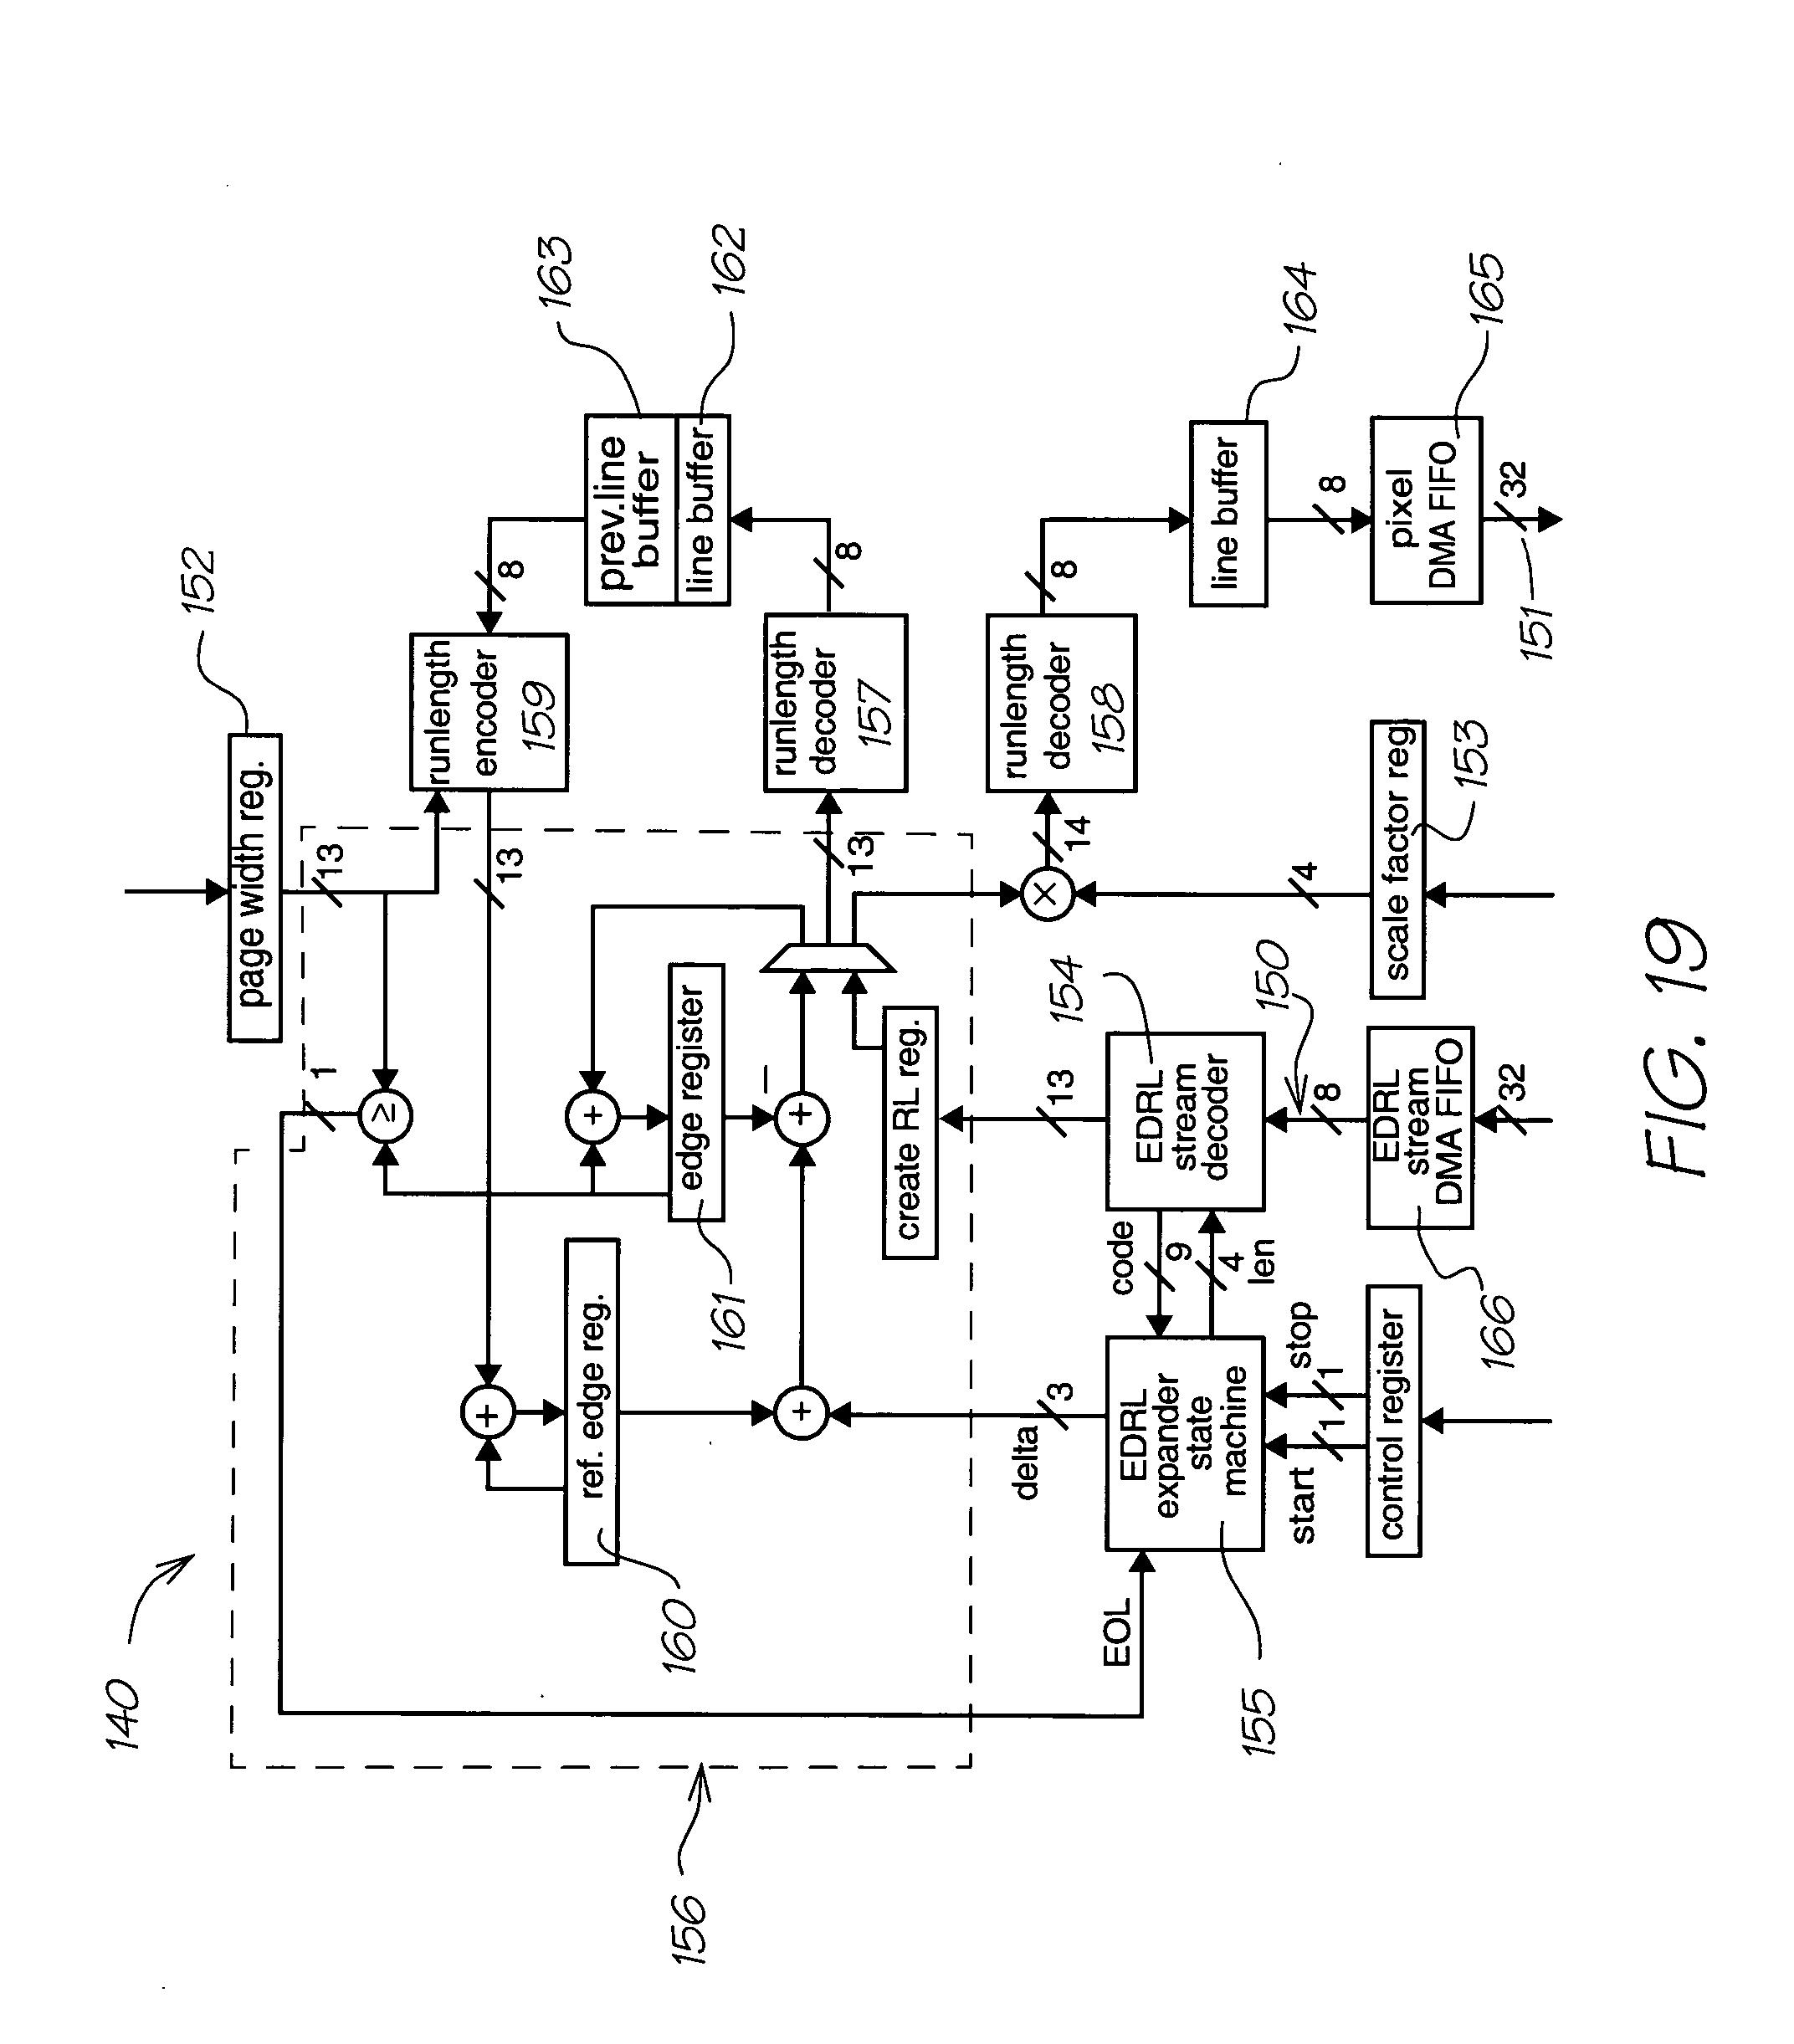 [DIAGRAM] 65 Econoline Wiring Diagram For Dash FULL